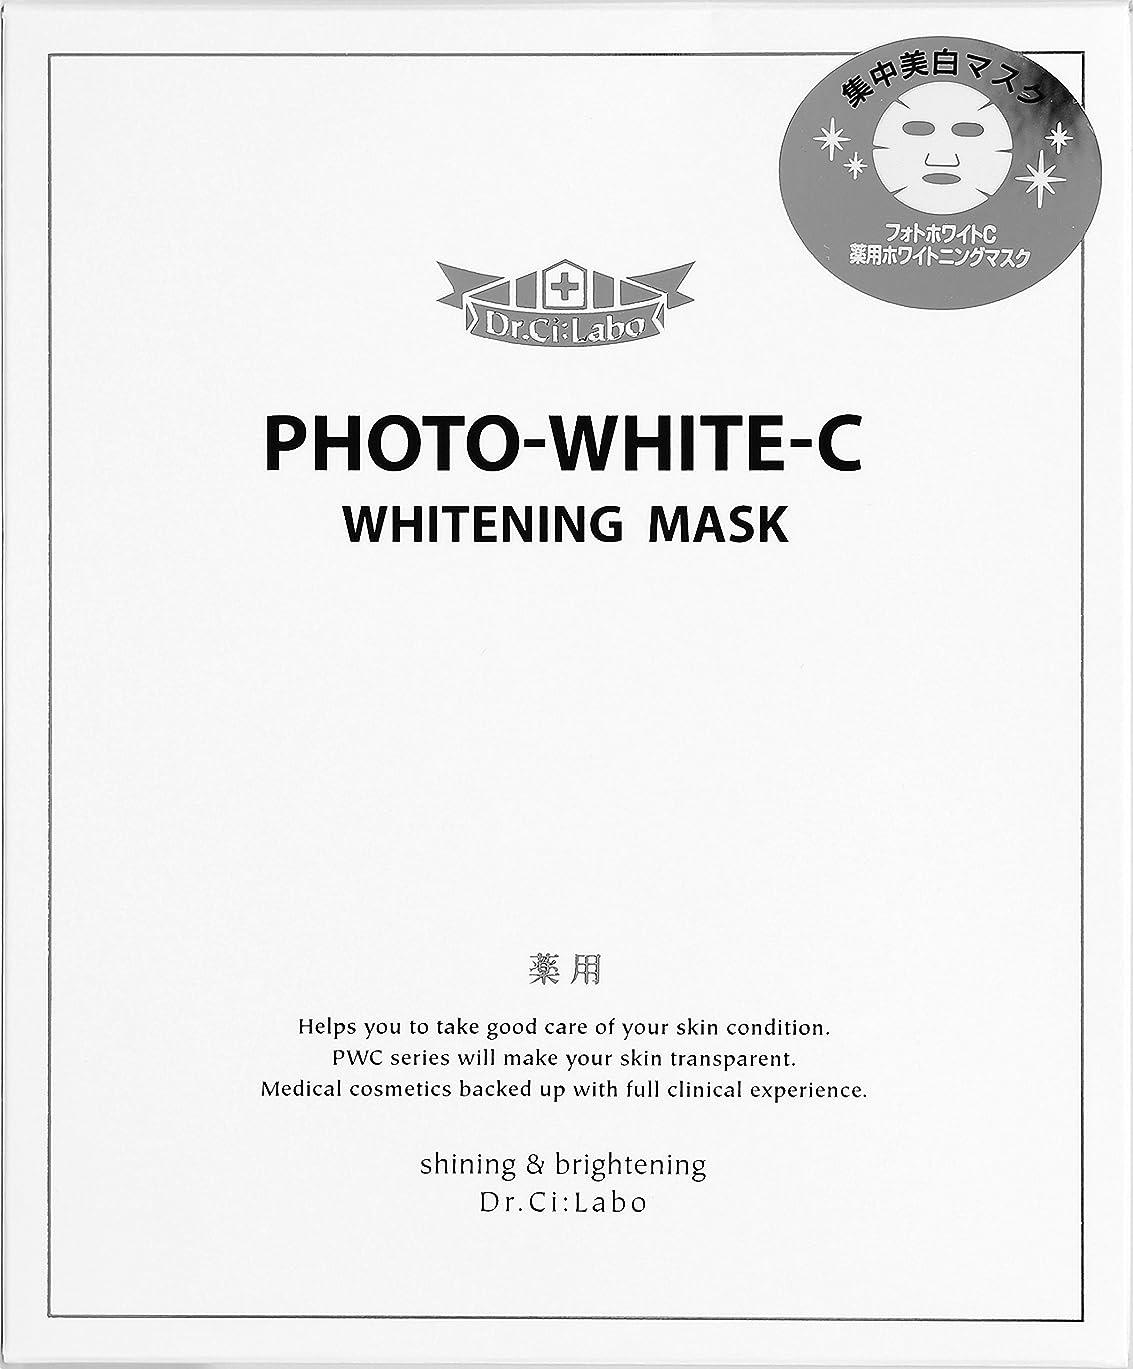 反動低い驚きドクターシーラボ フォトホワイトC 薬用ホワイトニングマスク (1箱:5枚入り) フェイスパック [医薬部外品]